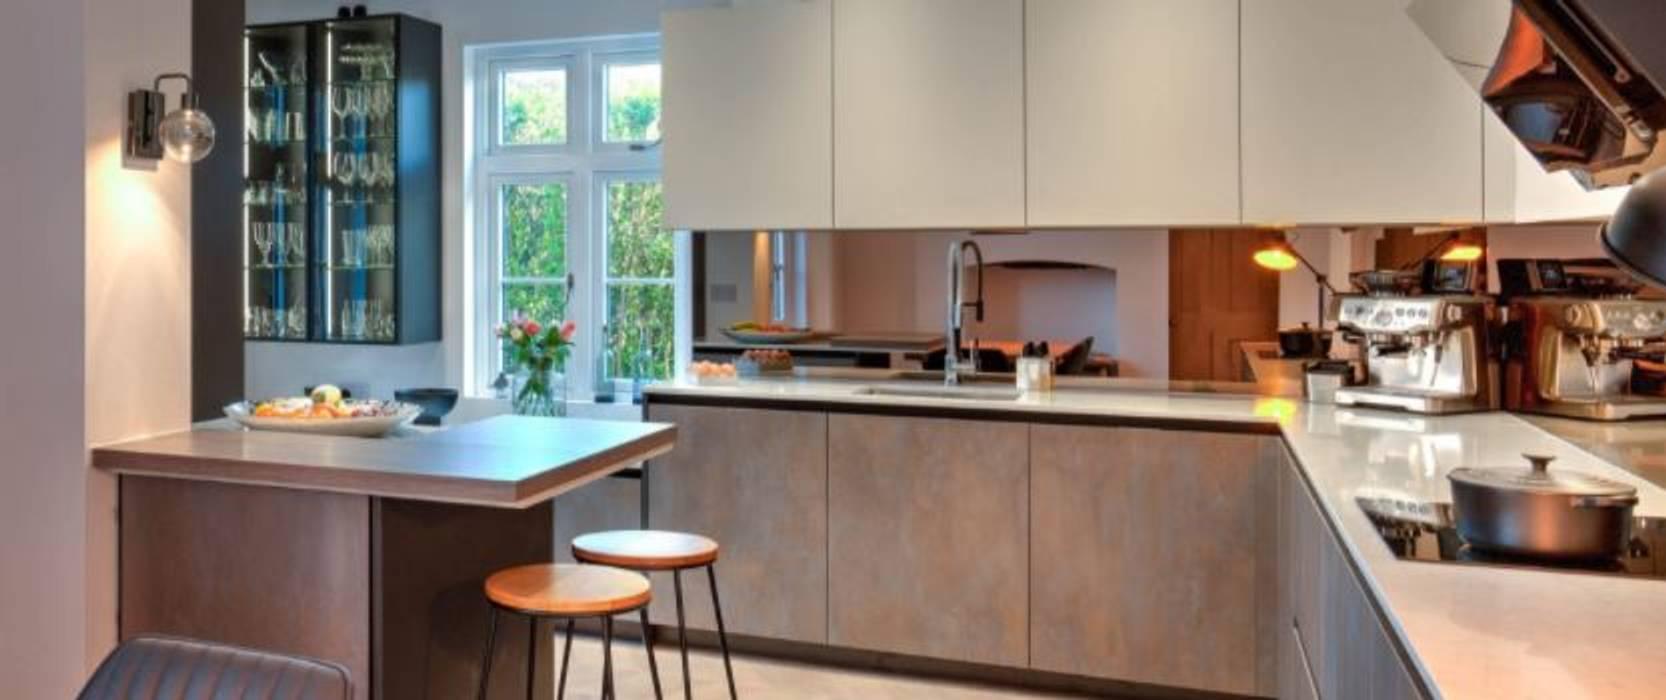 Alon Interiors Alon Interiors Kitchen units